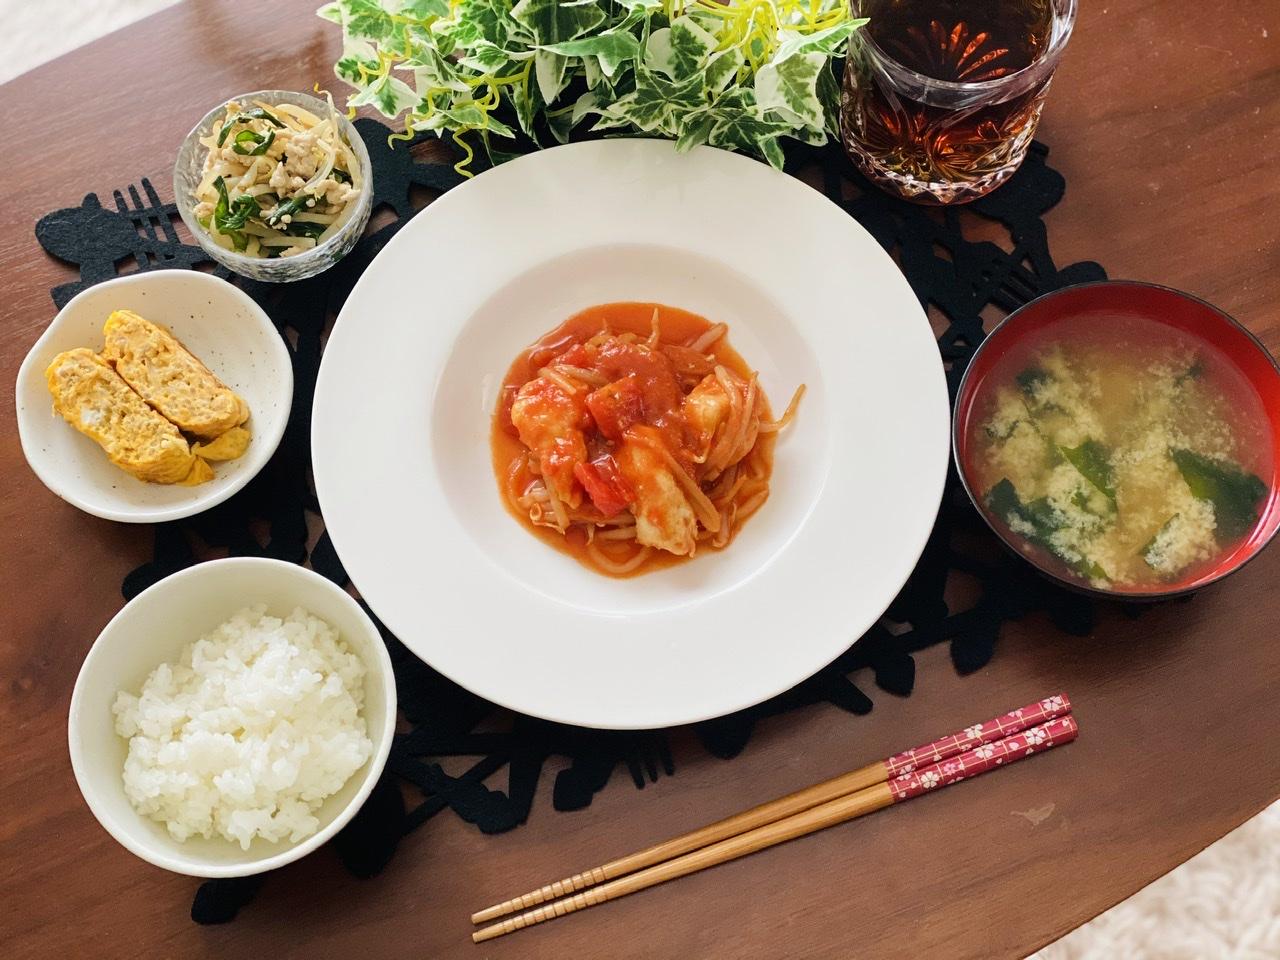 【今月のお家ごはん】アラサー女子の食卓!作り置きおかずでラク晩ご飯♡-Vol.15-_8